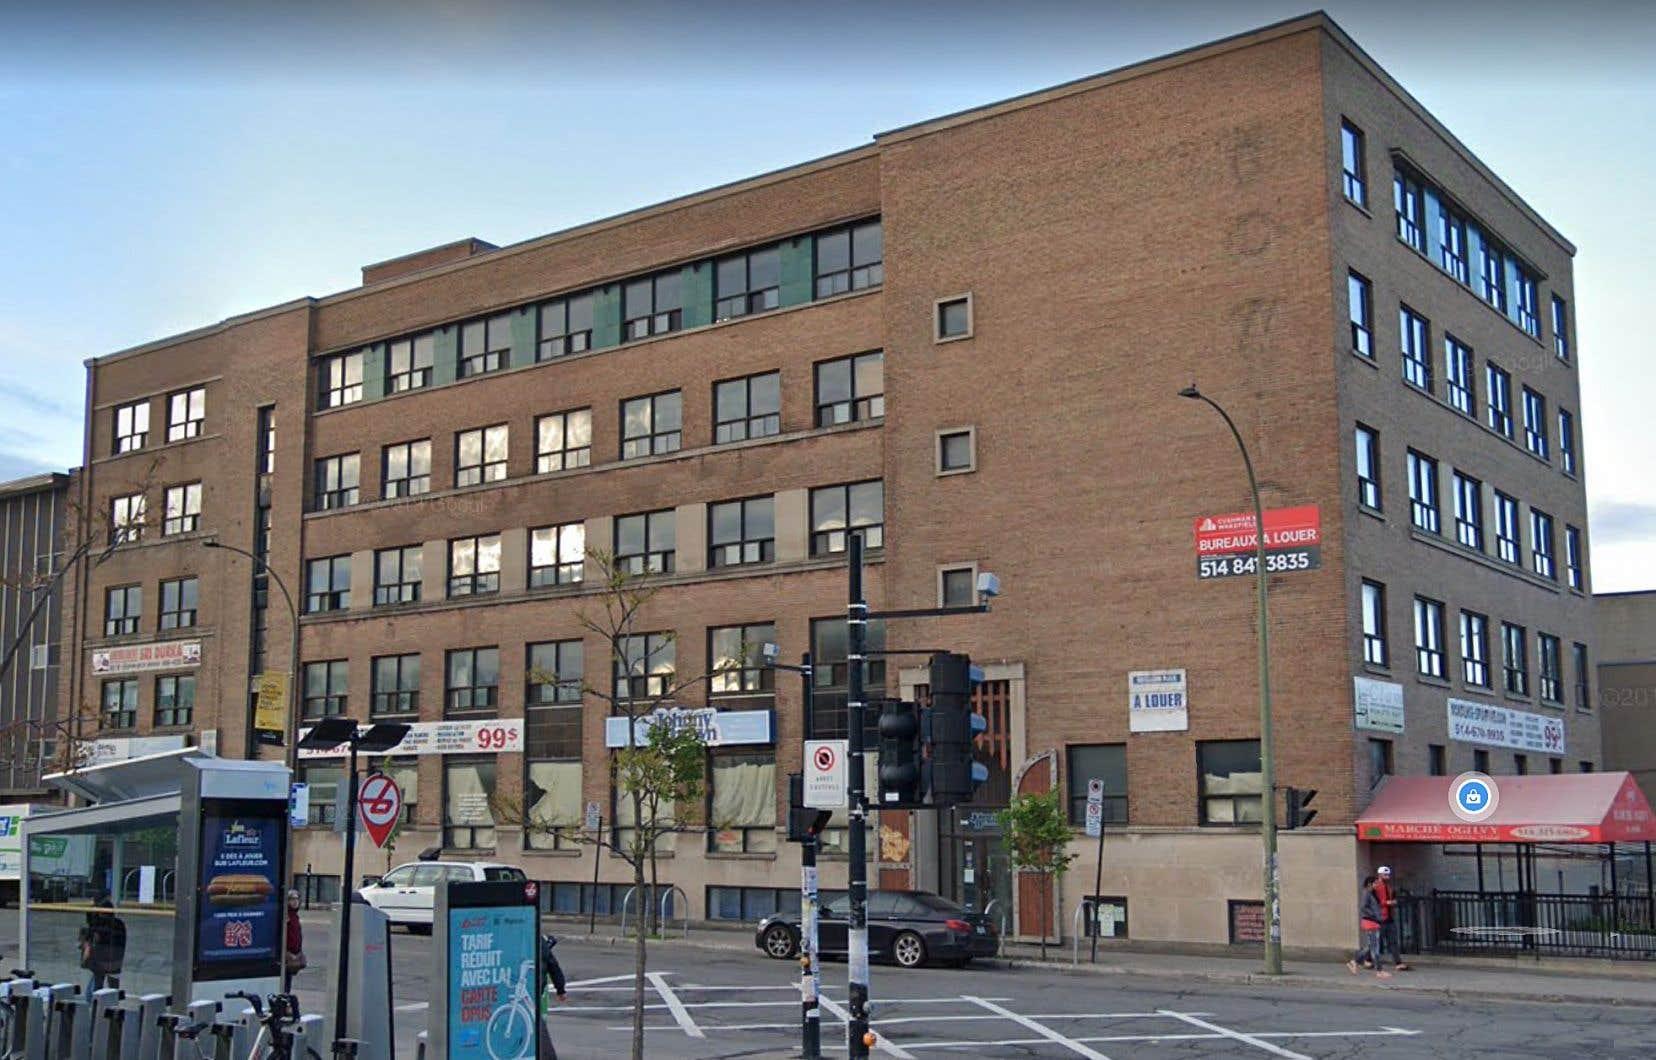 Situé au 7290-7300, rue Hutchison, l'immeuble s'était retrouvé au centre d'une polémique en 2018 après que le propriétaire eut procédé à l'expulsion des organismes communautaires et commerces qui y logeaient pour aménager des condominiums.